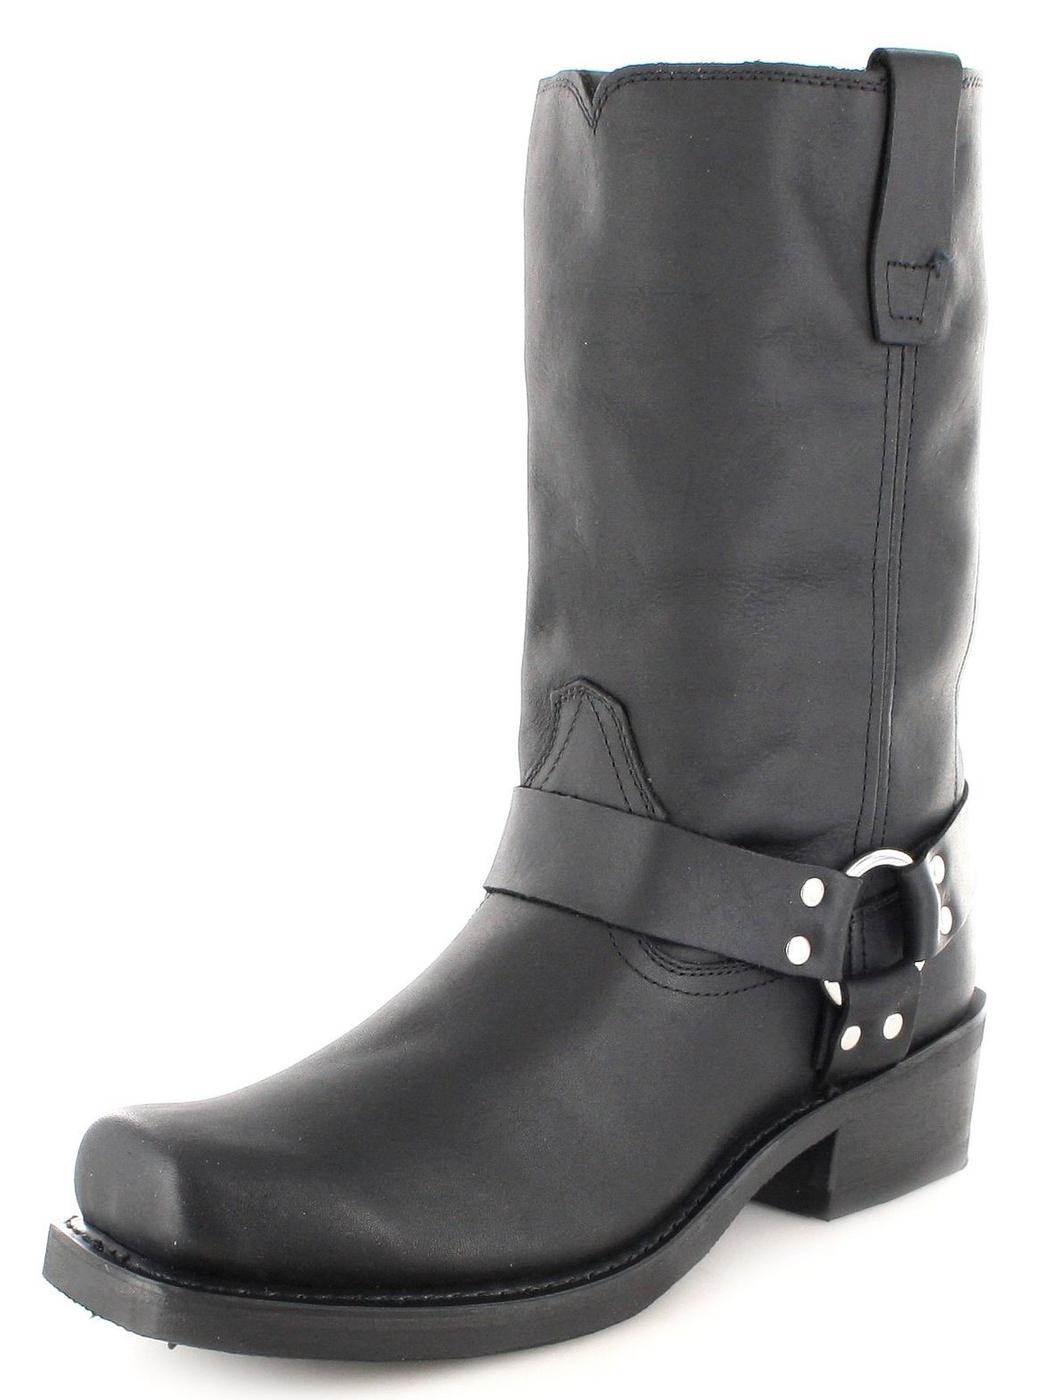 Durango Boots HARNESS DB510 EE Black Bikerstiefel - schwarz